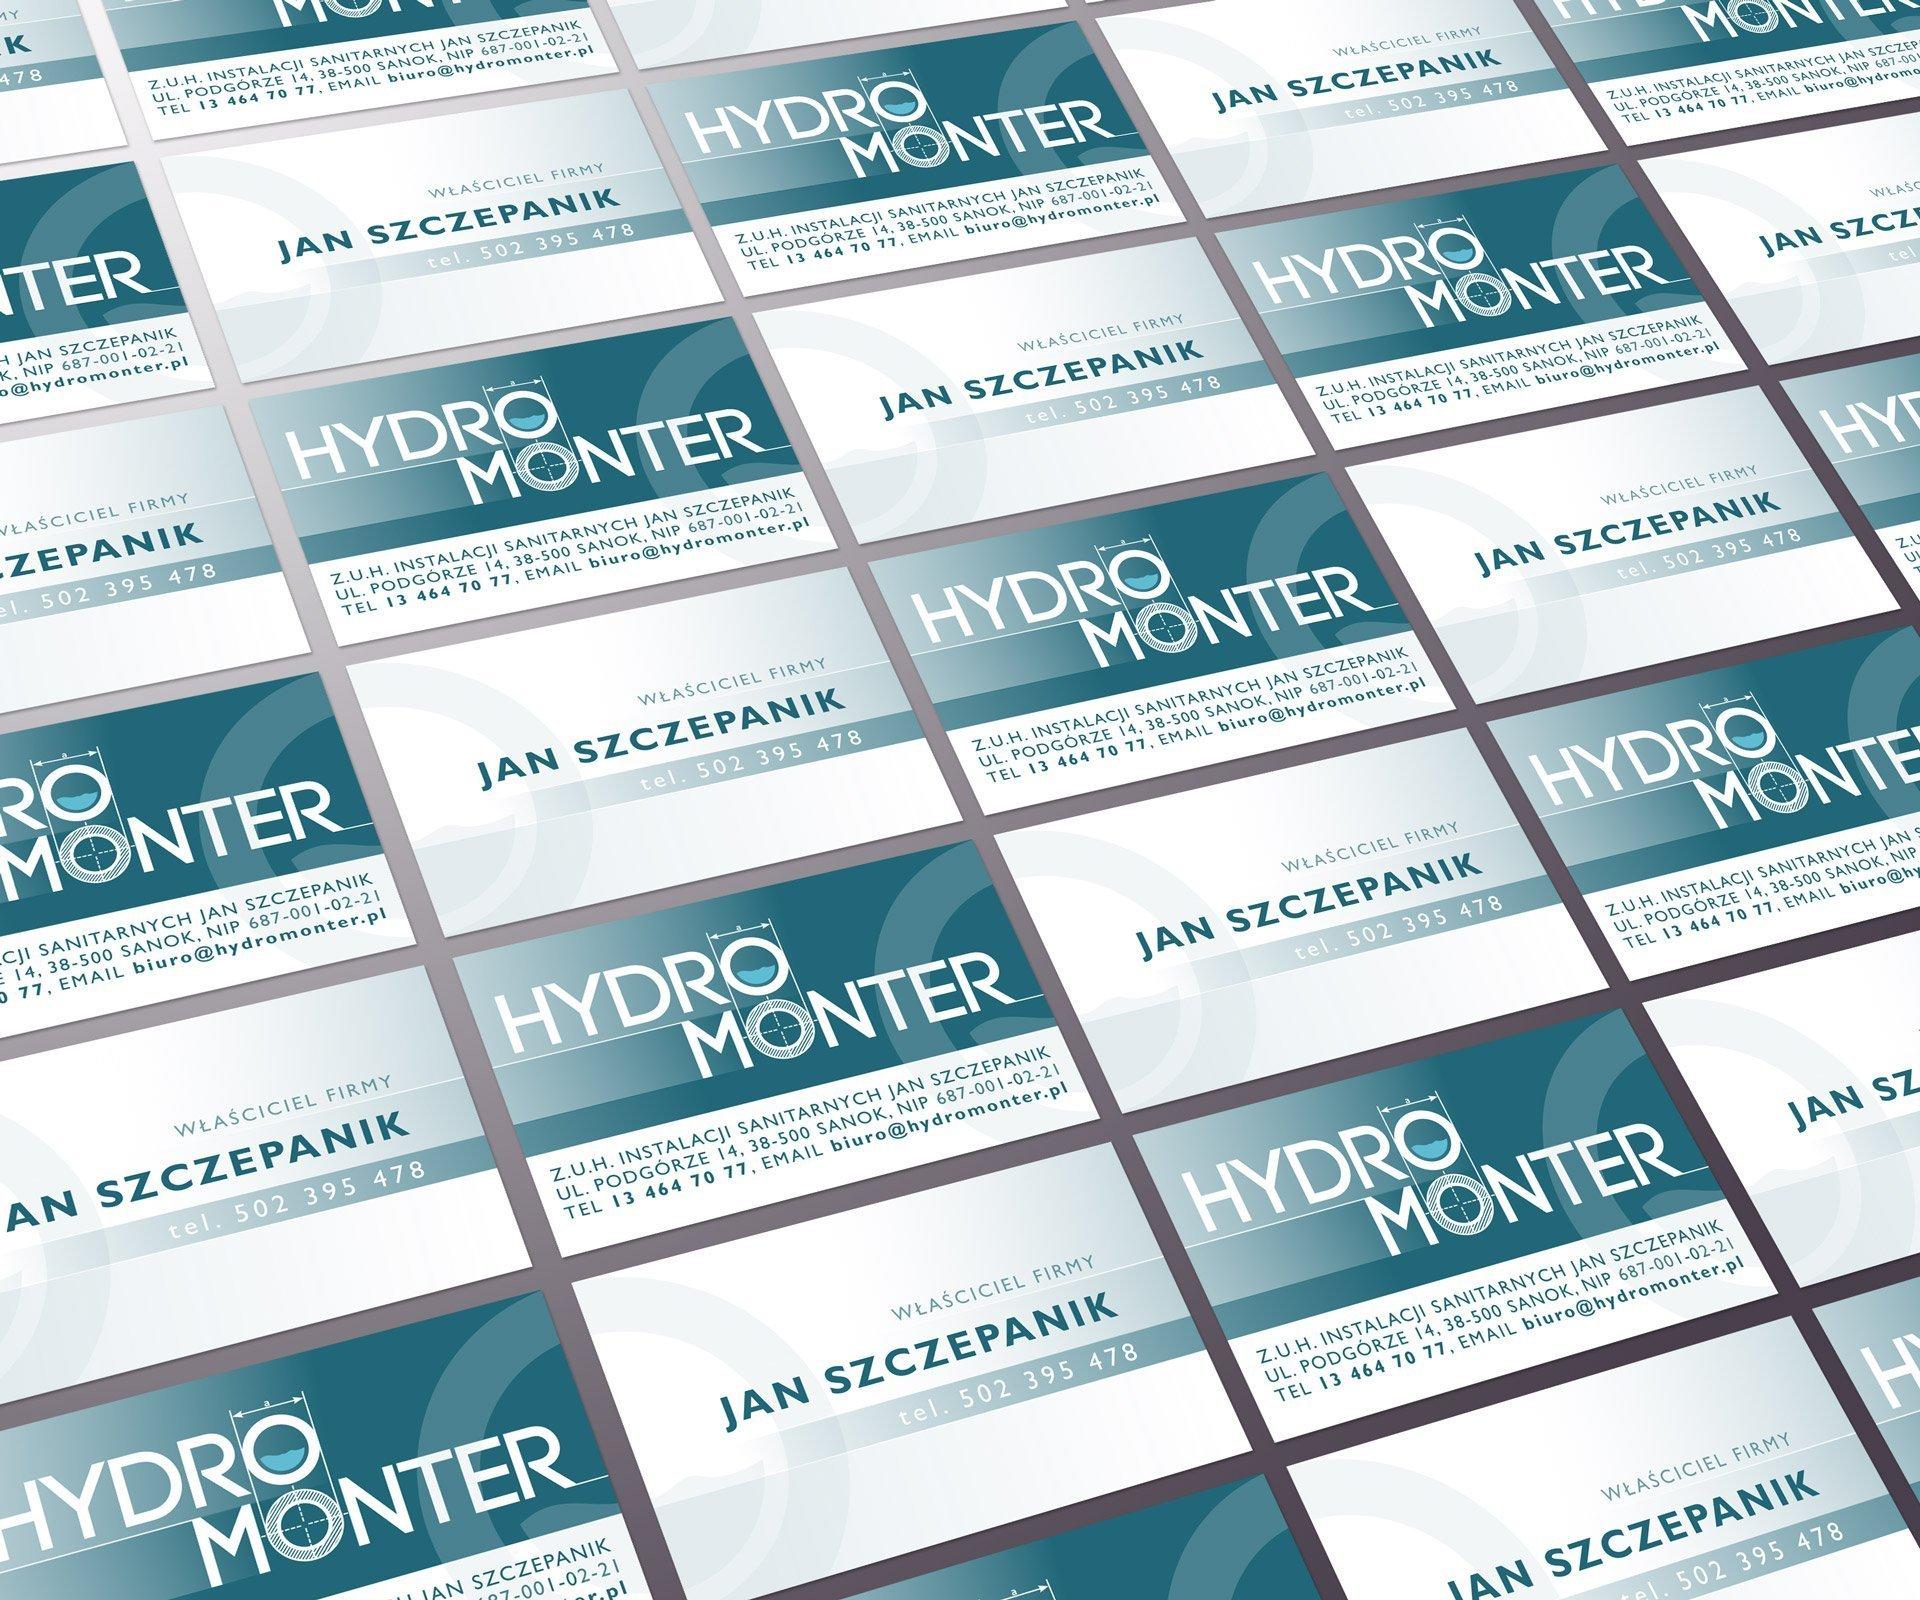 Wizytówki firmy HydroMonter (by BBIG.PL)